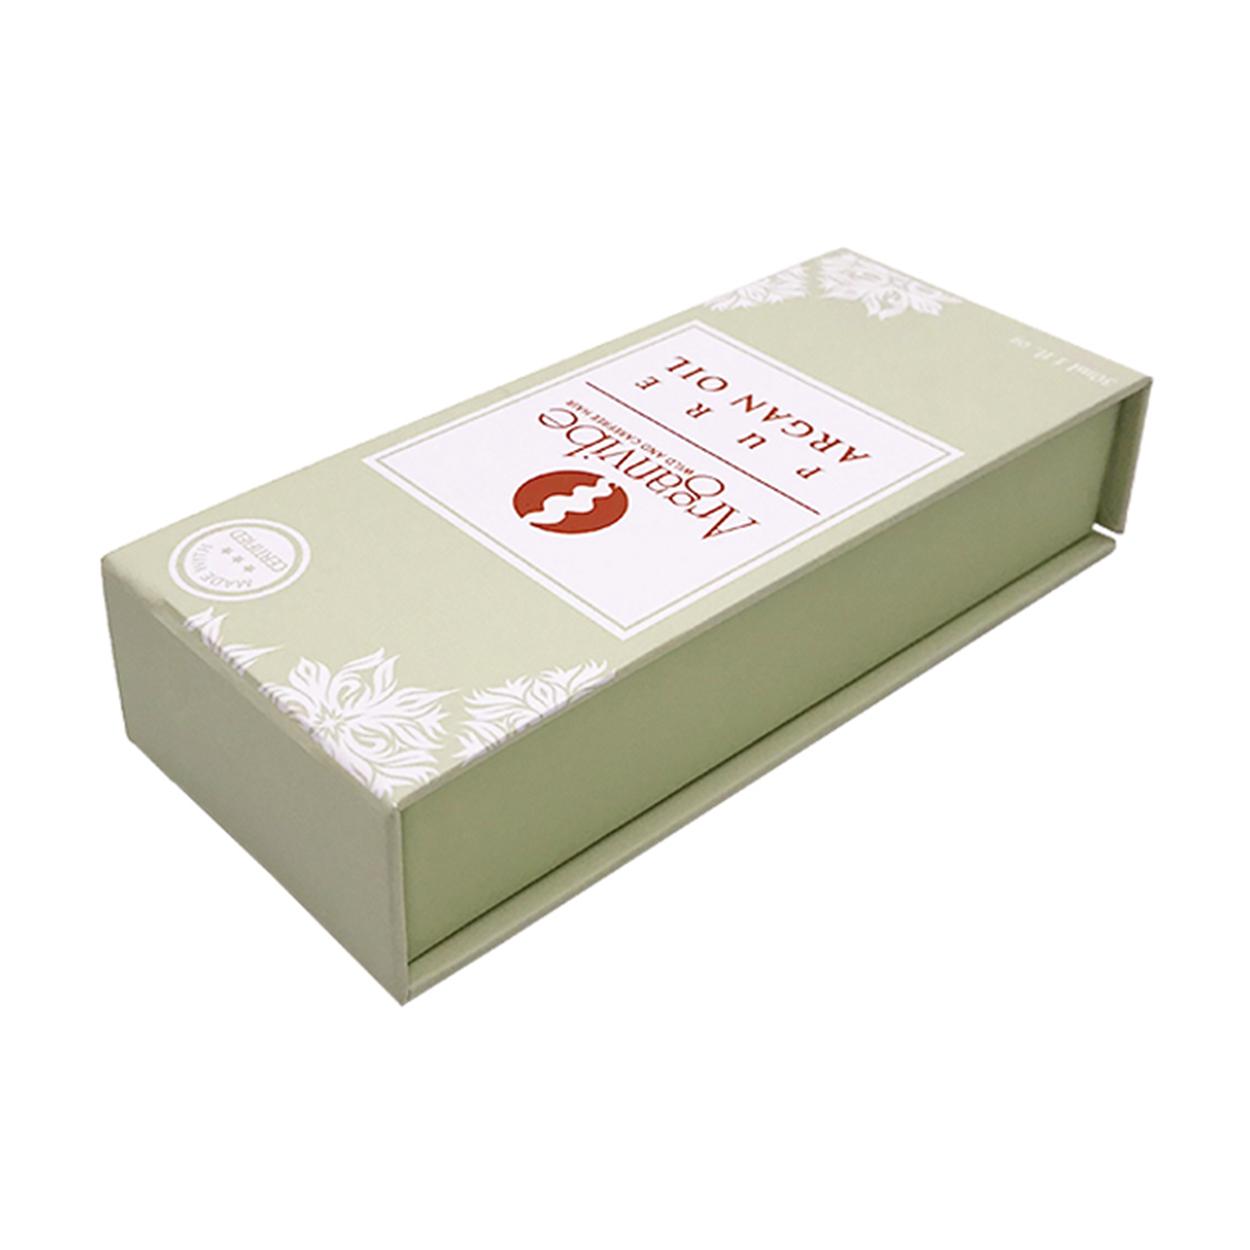 山东茶叶包装盒印刷厂介绍水基墨水和油基墨水-济南尚邦佳品包装制品有限公司